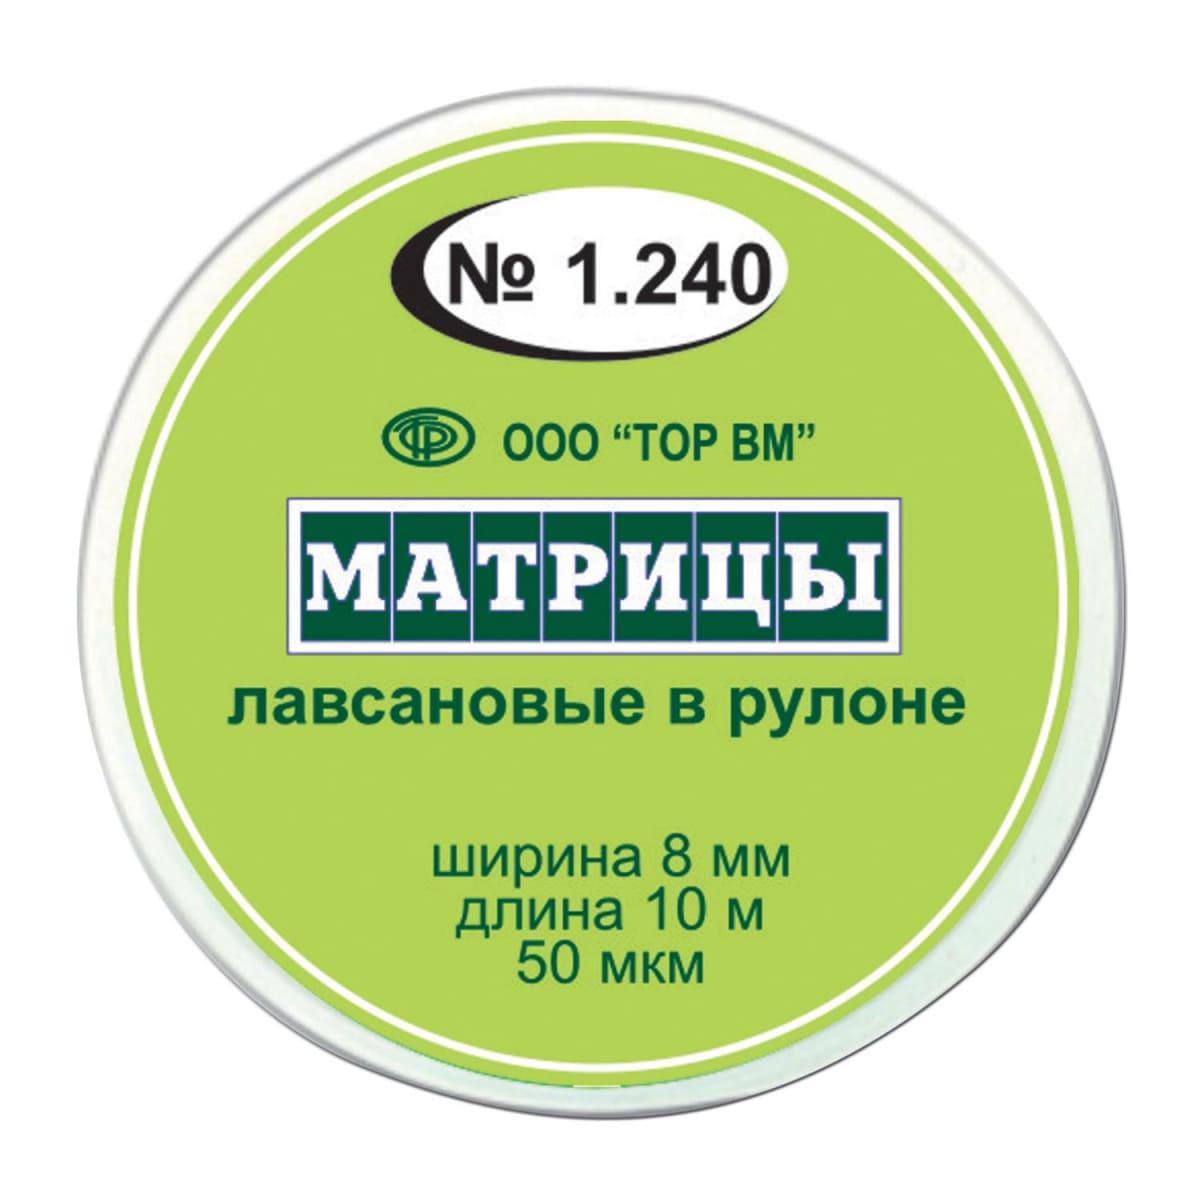 Матрицы в рулоне  1.240 лавсанов. 8мм 10м